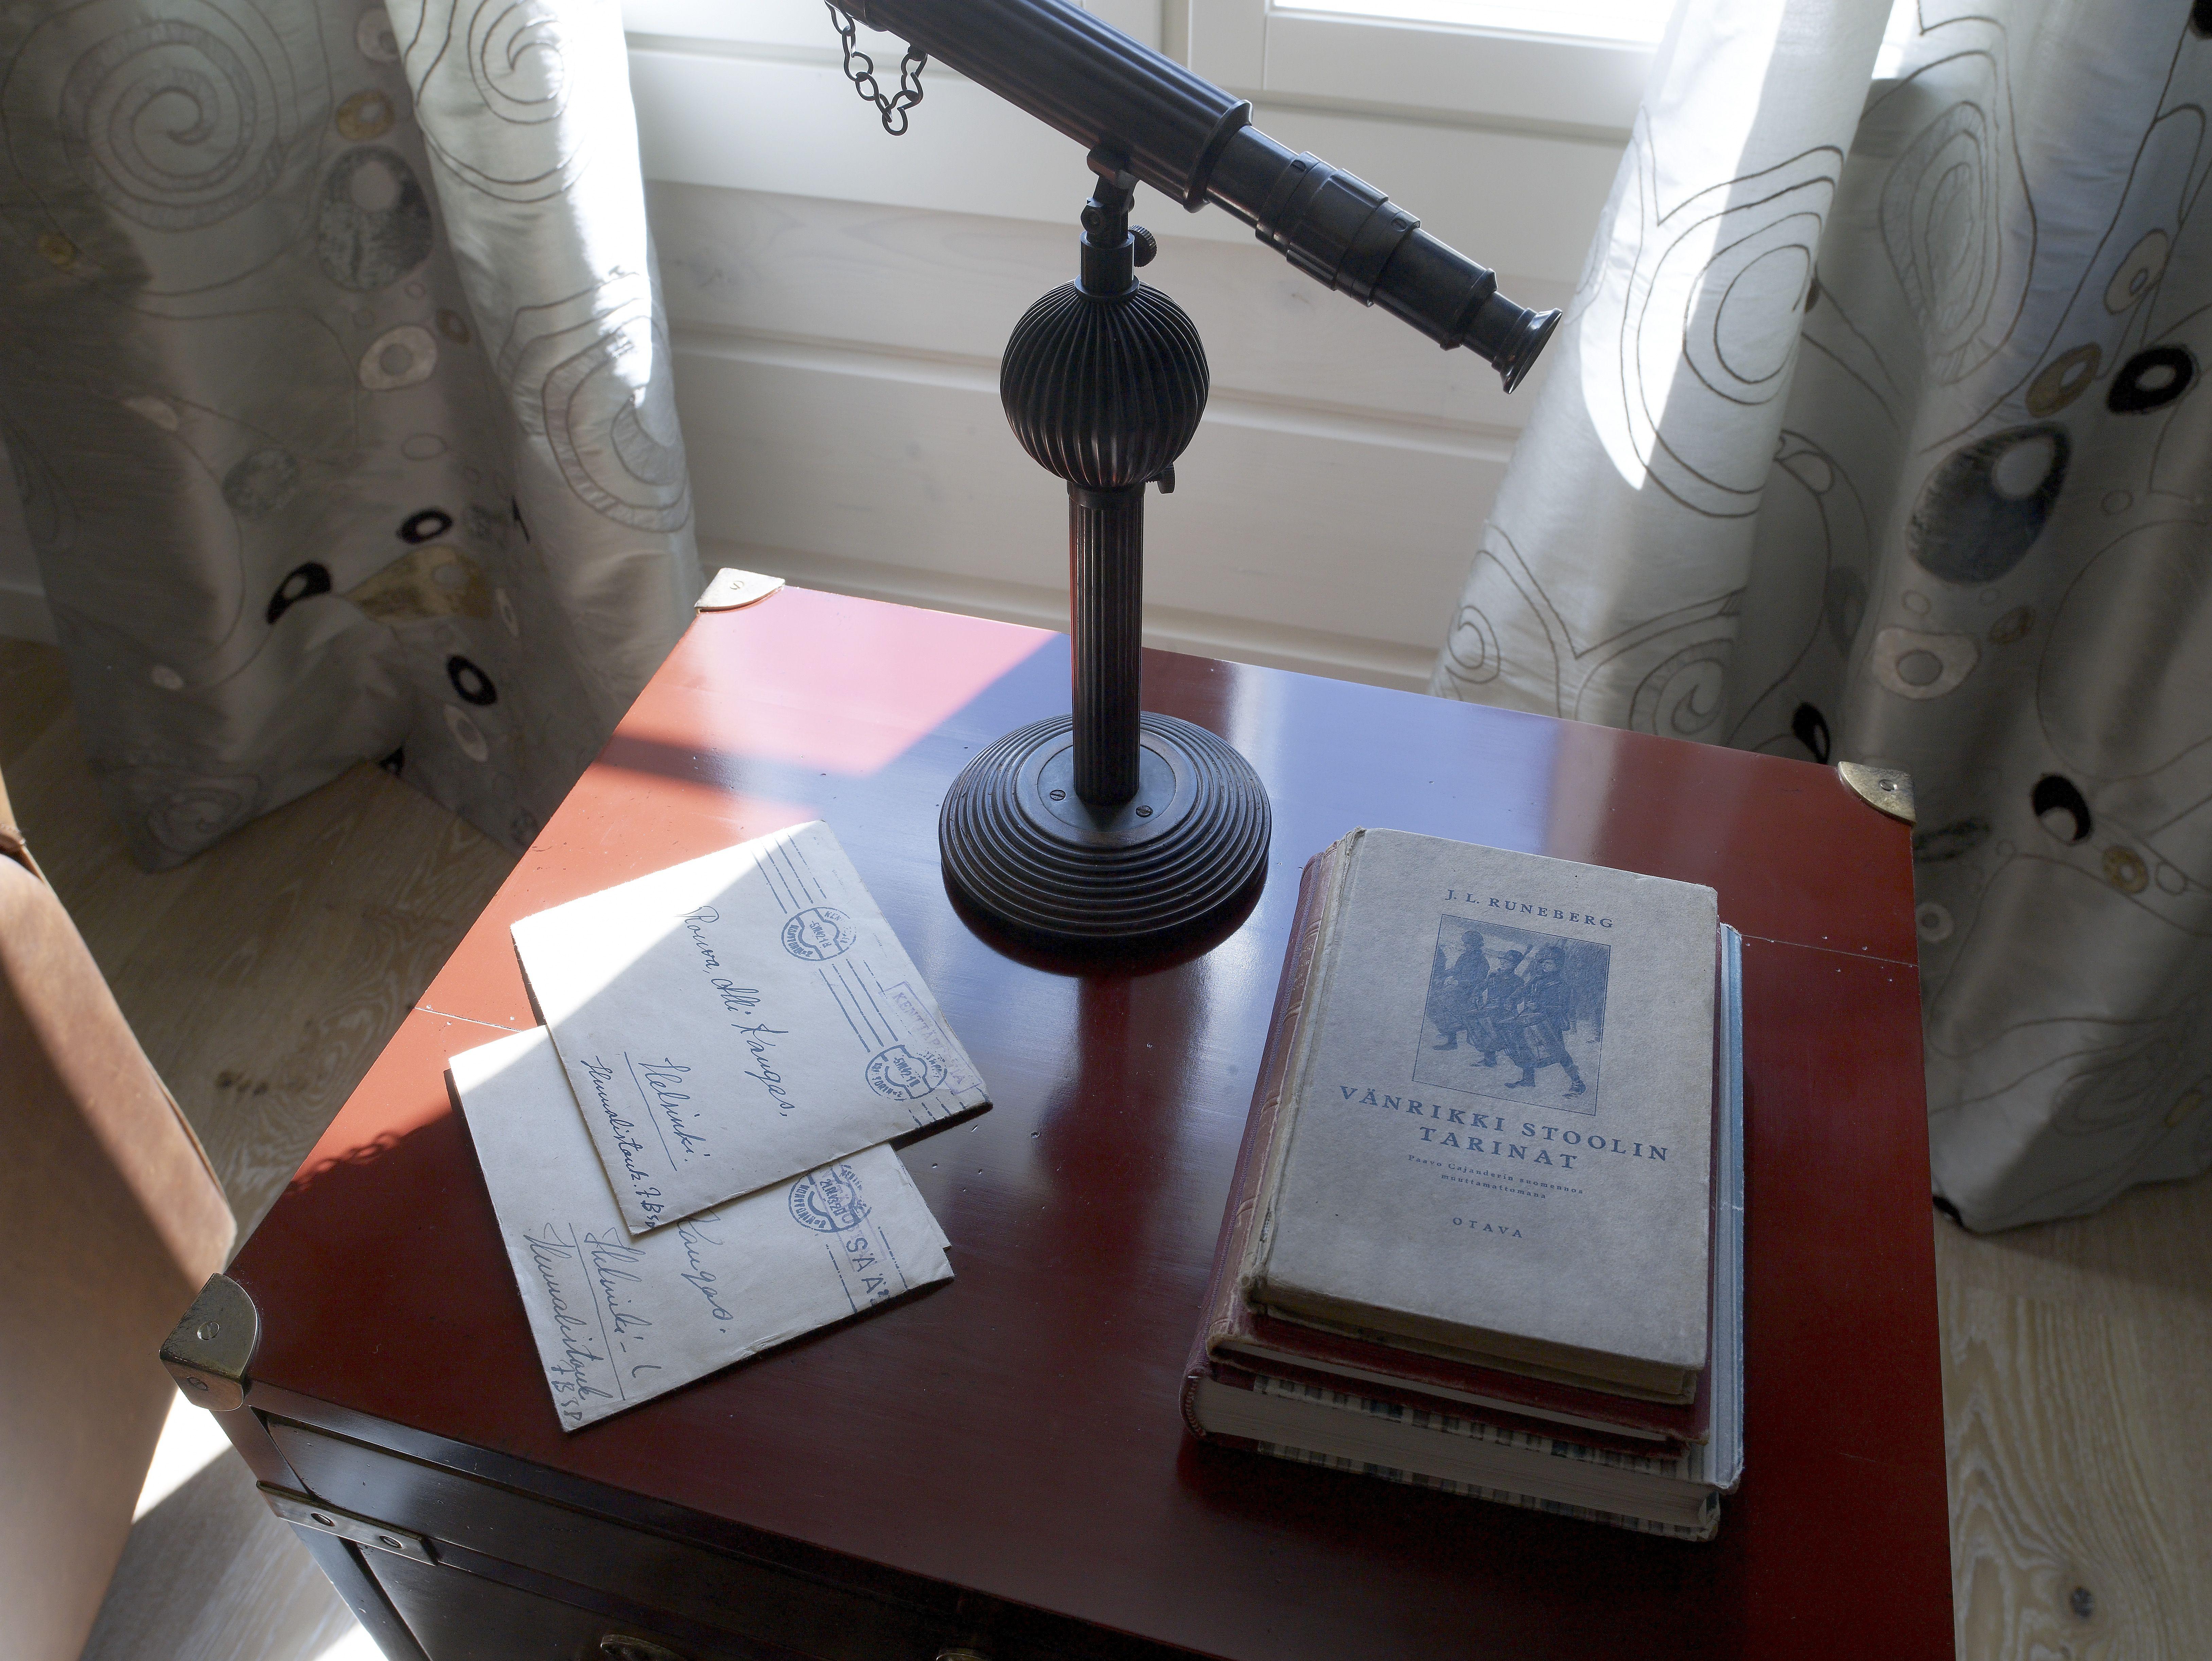 Kirjastohuone tarjoaa mielenkiintoisia lukuelämyksiä, kirjeitä sotarintamalta